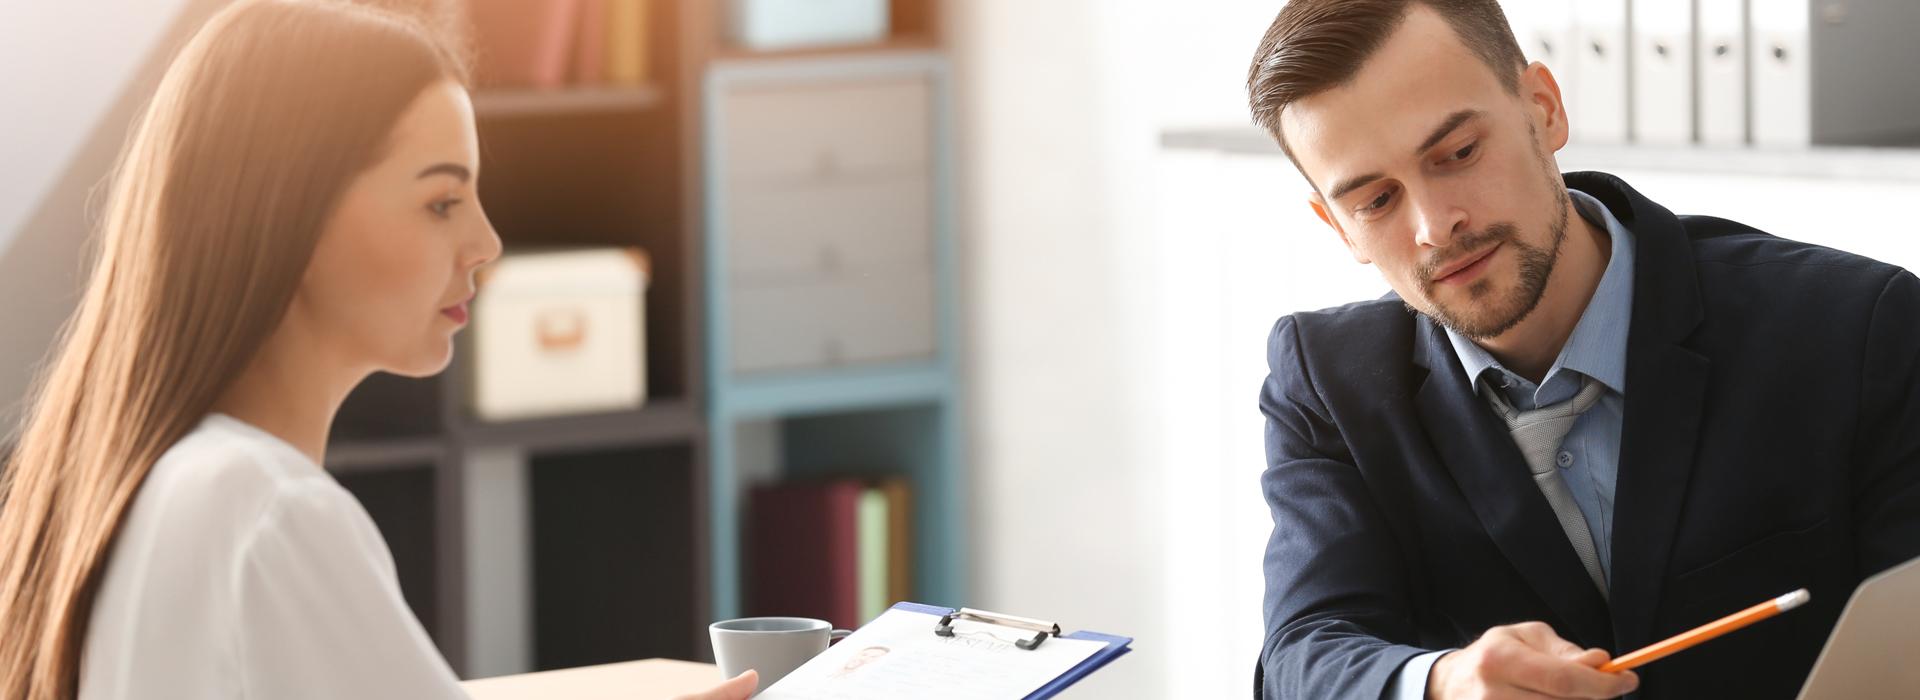 外商求職-如何完成一個好的跨國視訊面試